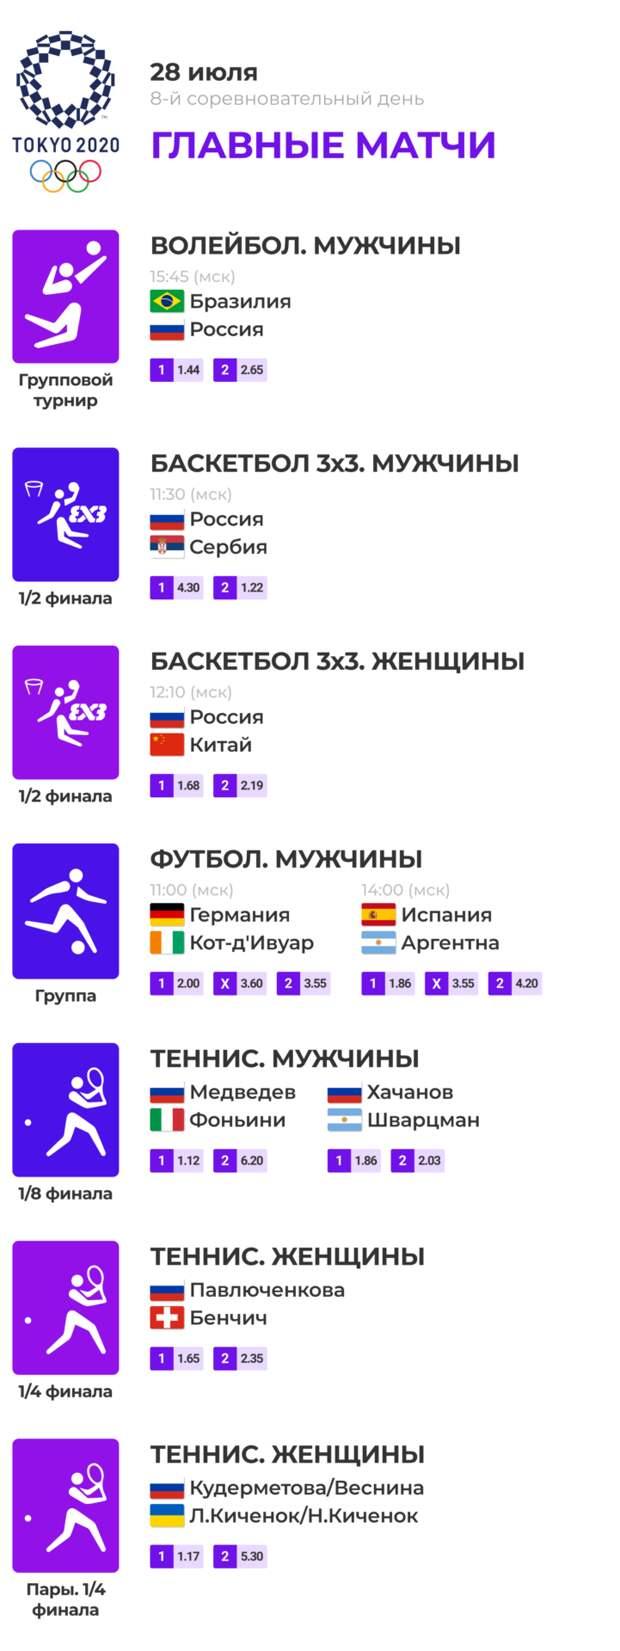 Олимпиада-2020: главные события 28.07.2021